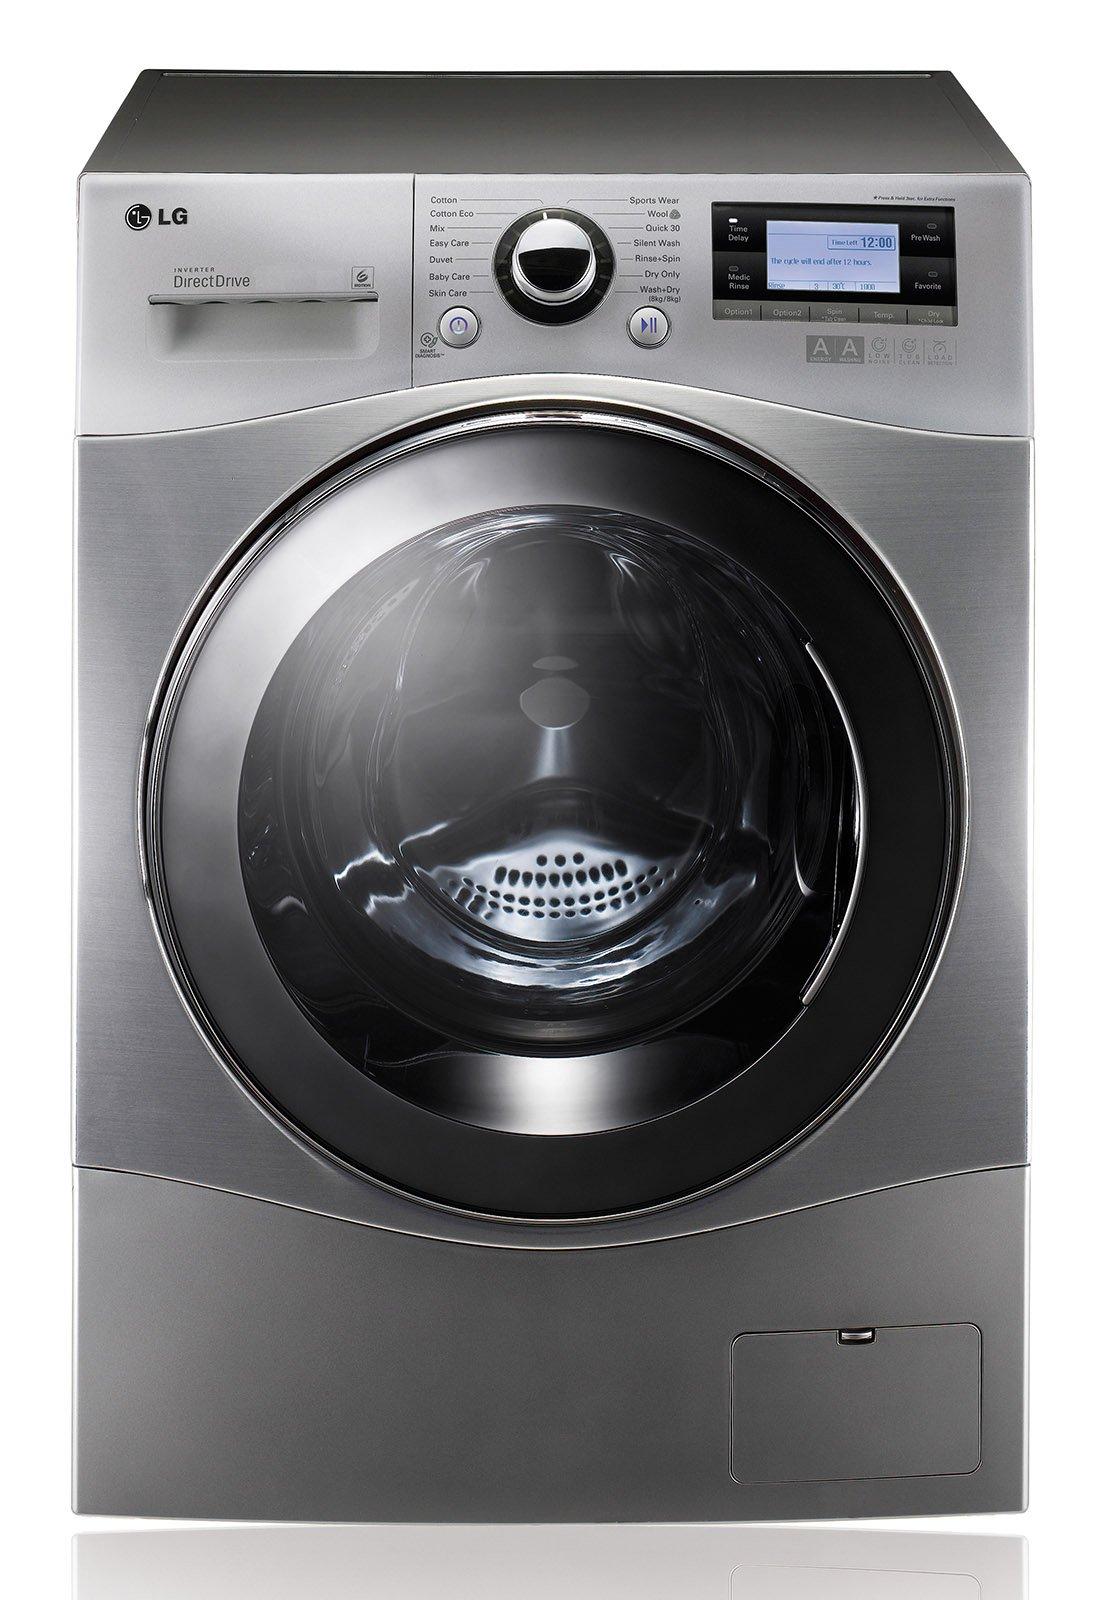 Lavatrici e lavastoviglie silenziose. Per vivere al meglio nella propria casa - Cose di Casa